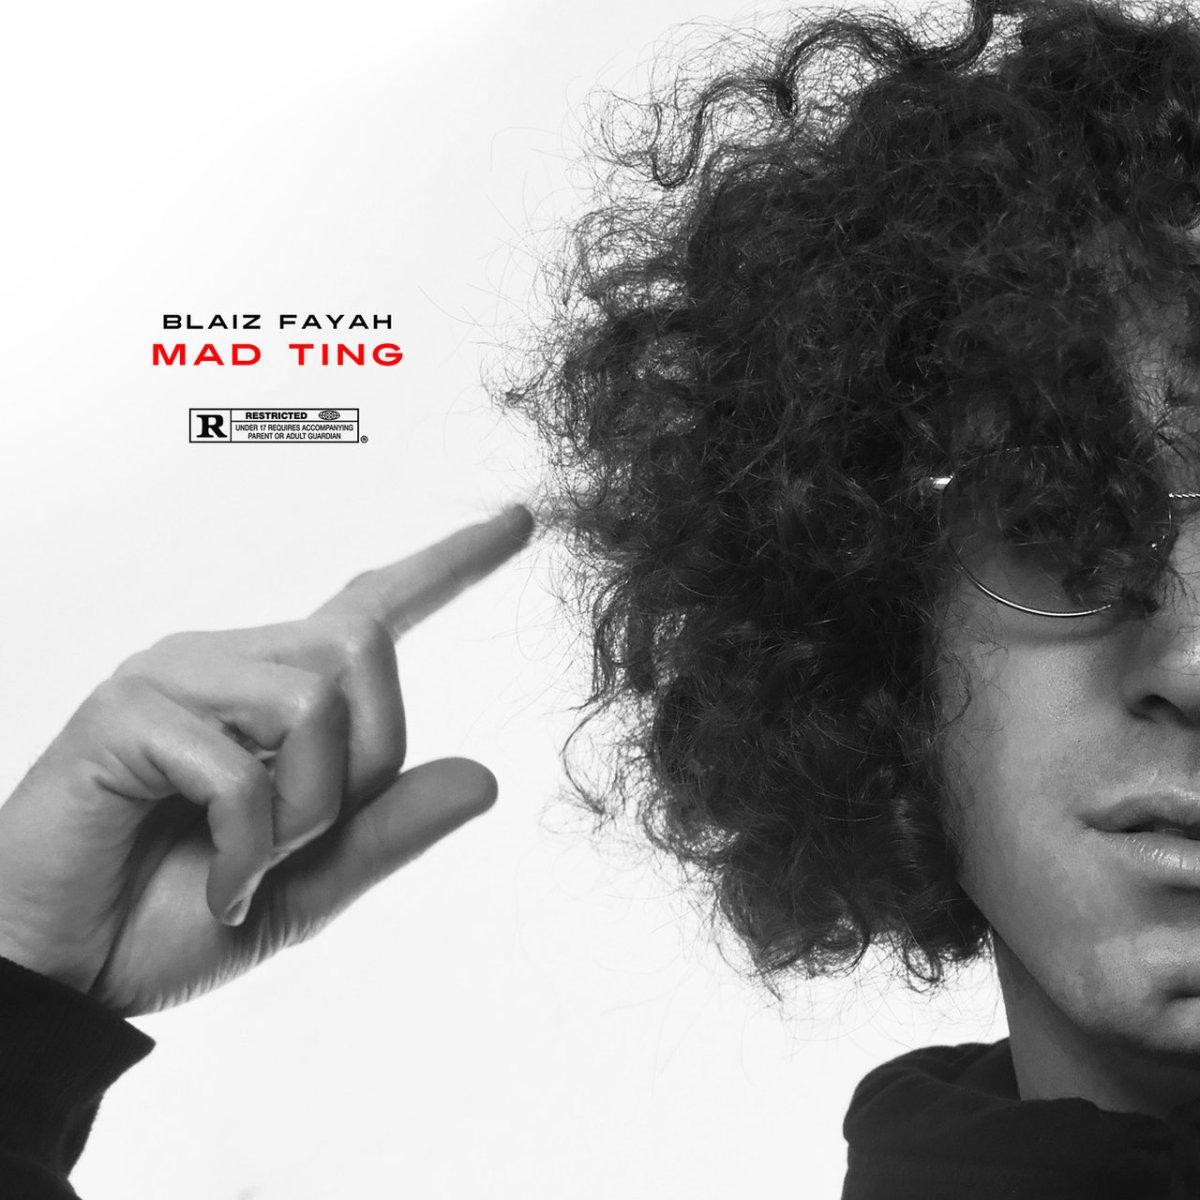 Blaiz Fayah - Mad Thing (Cover)